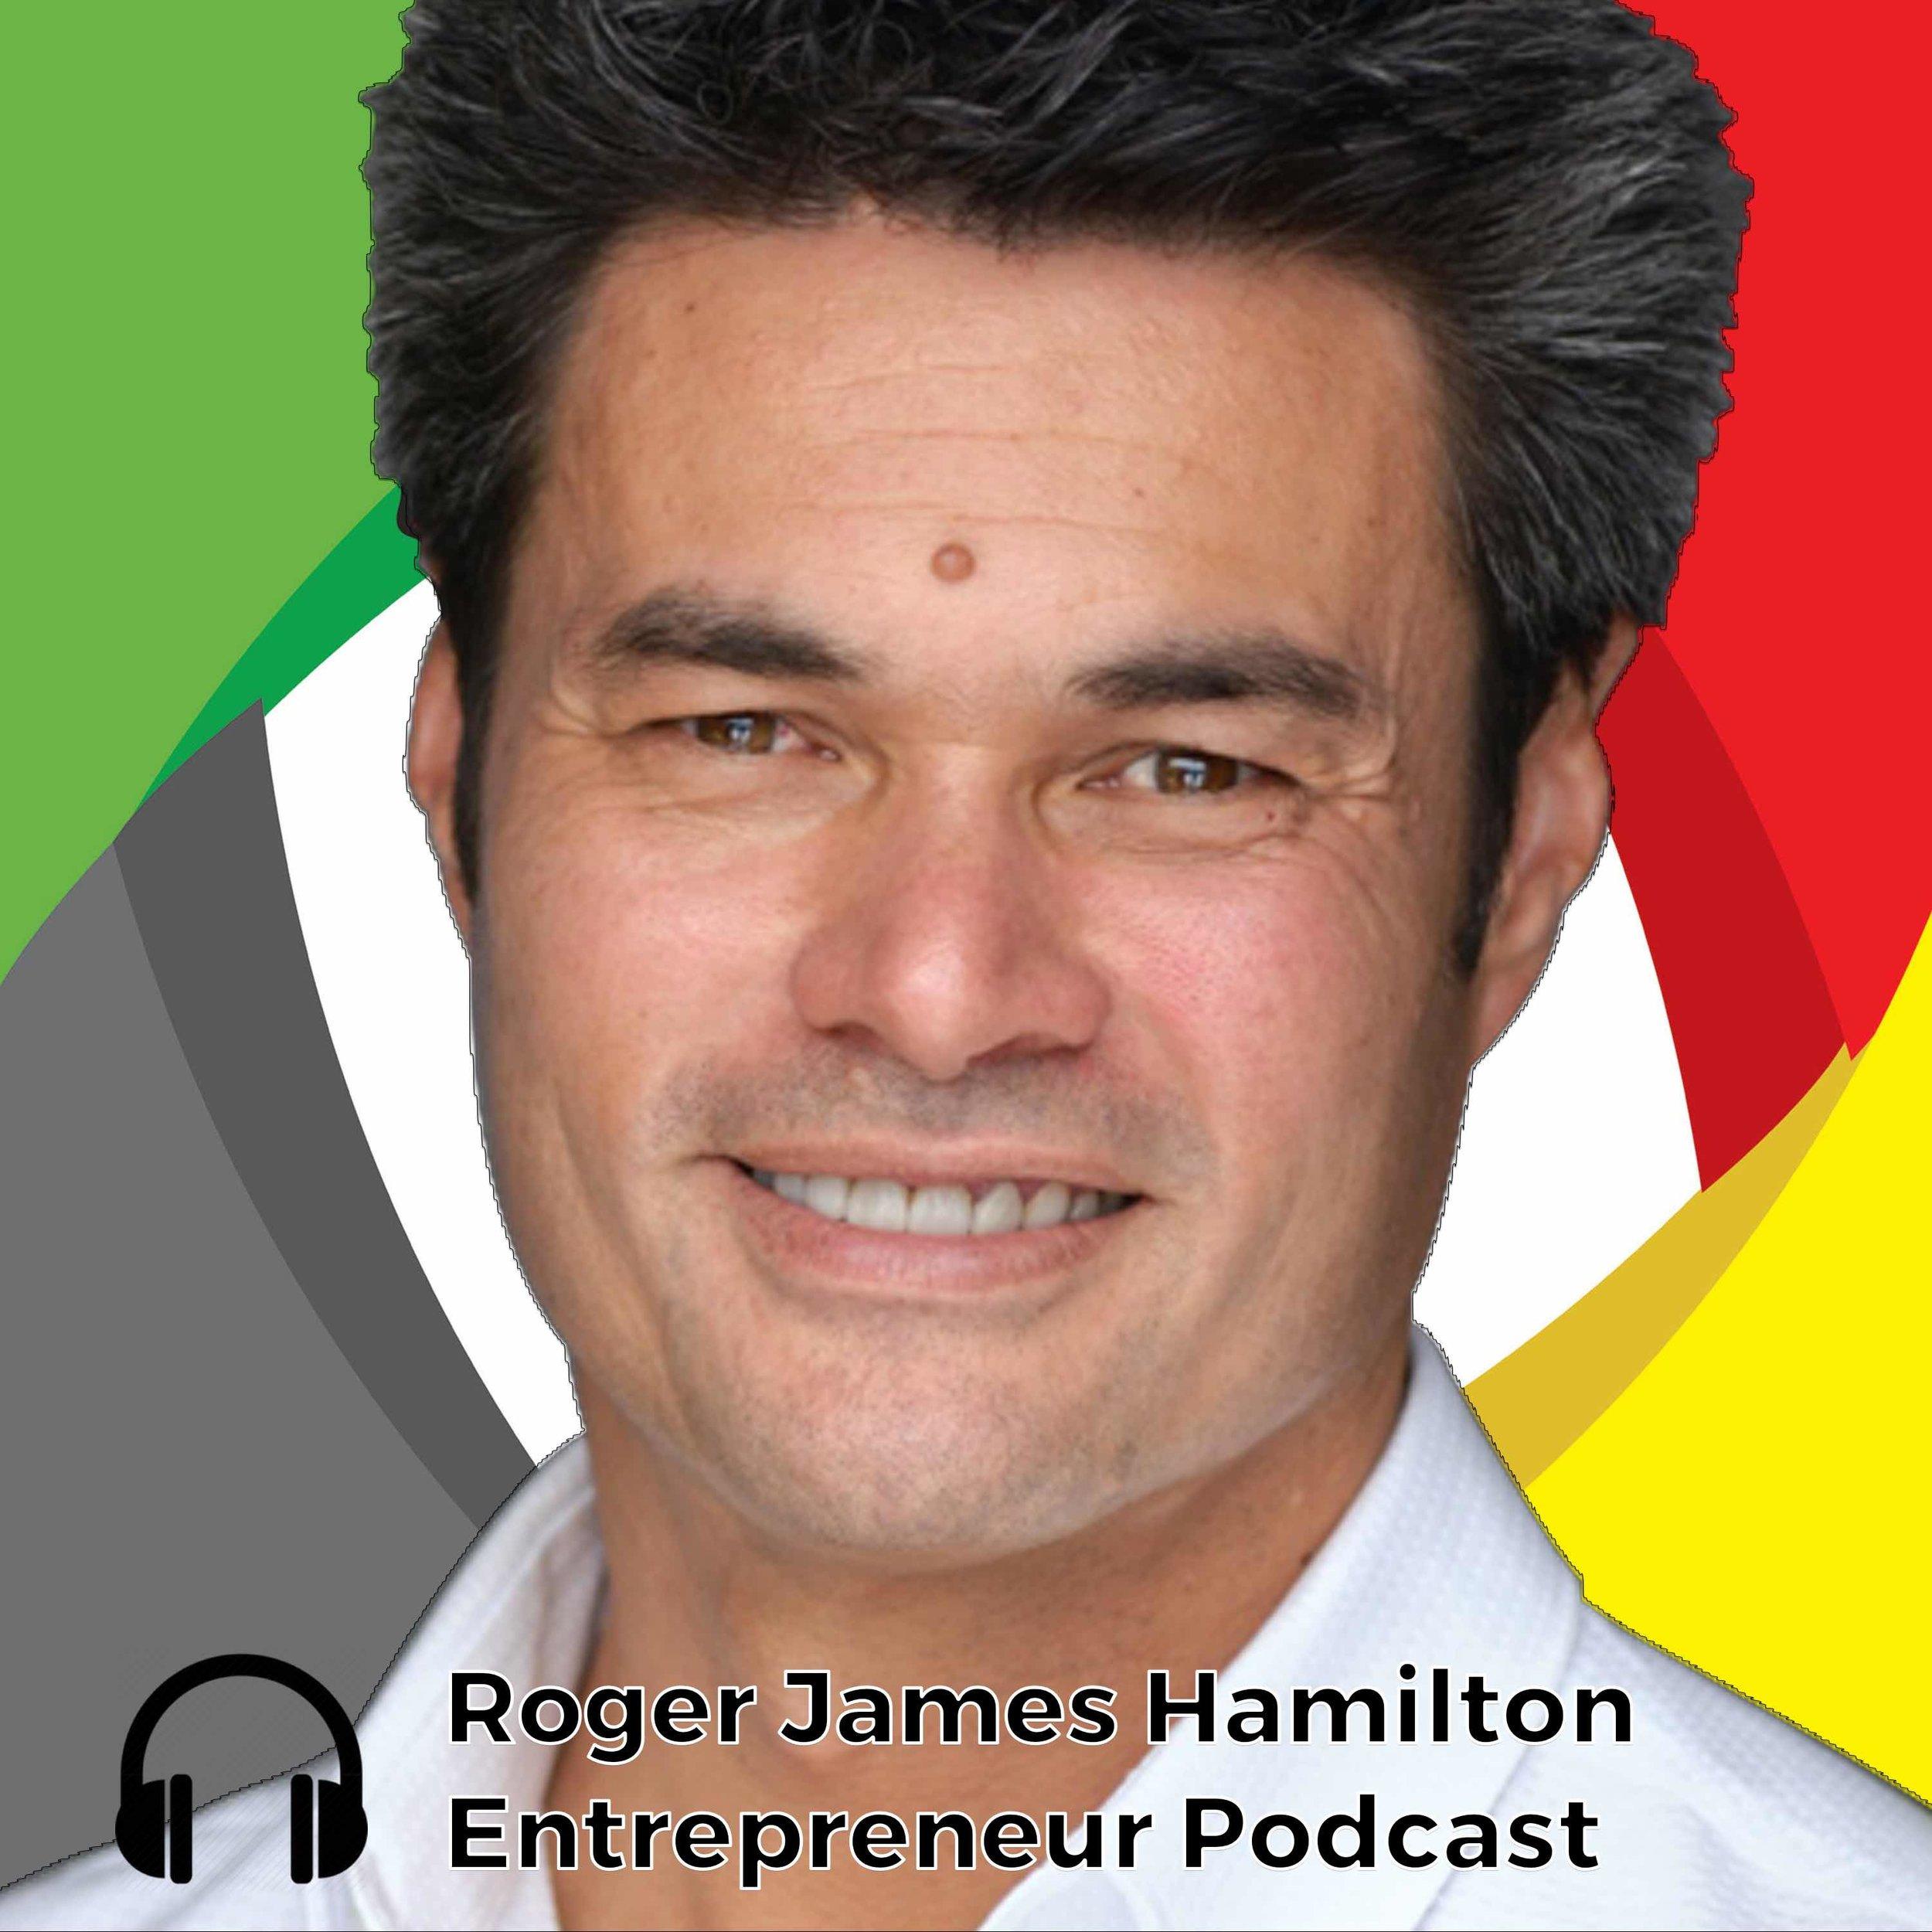 Roger_James_Hamilton_Entrepreneur_Podcast_Logo.jpg